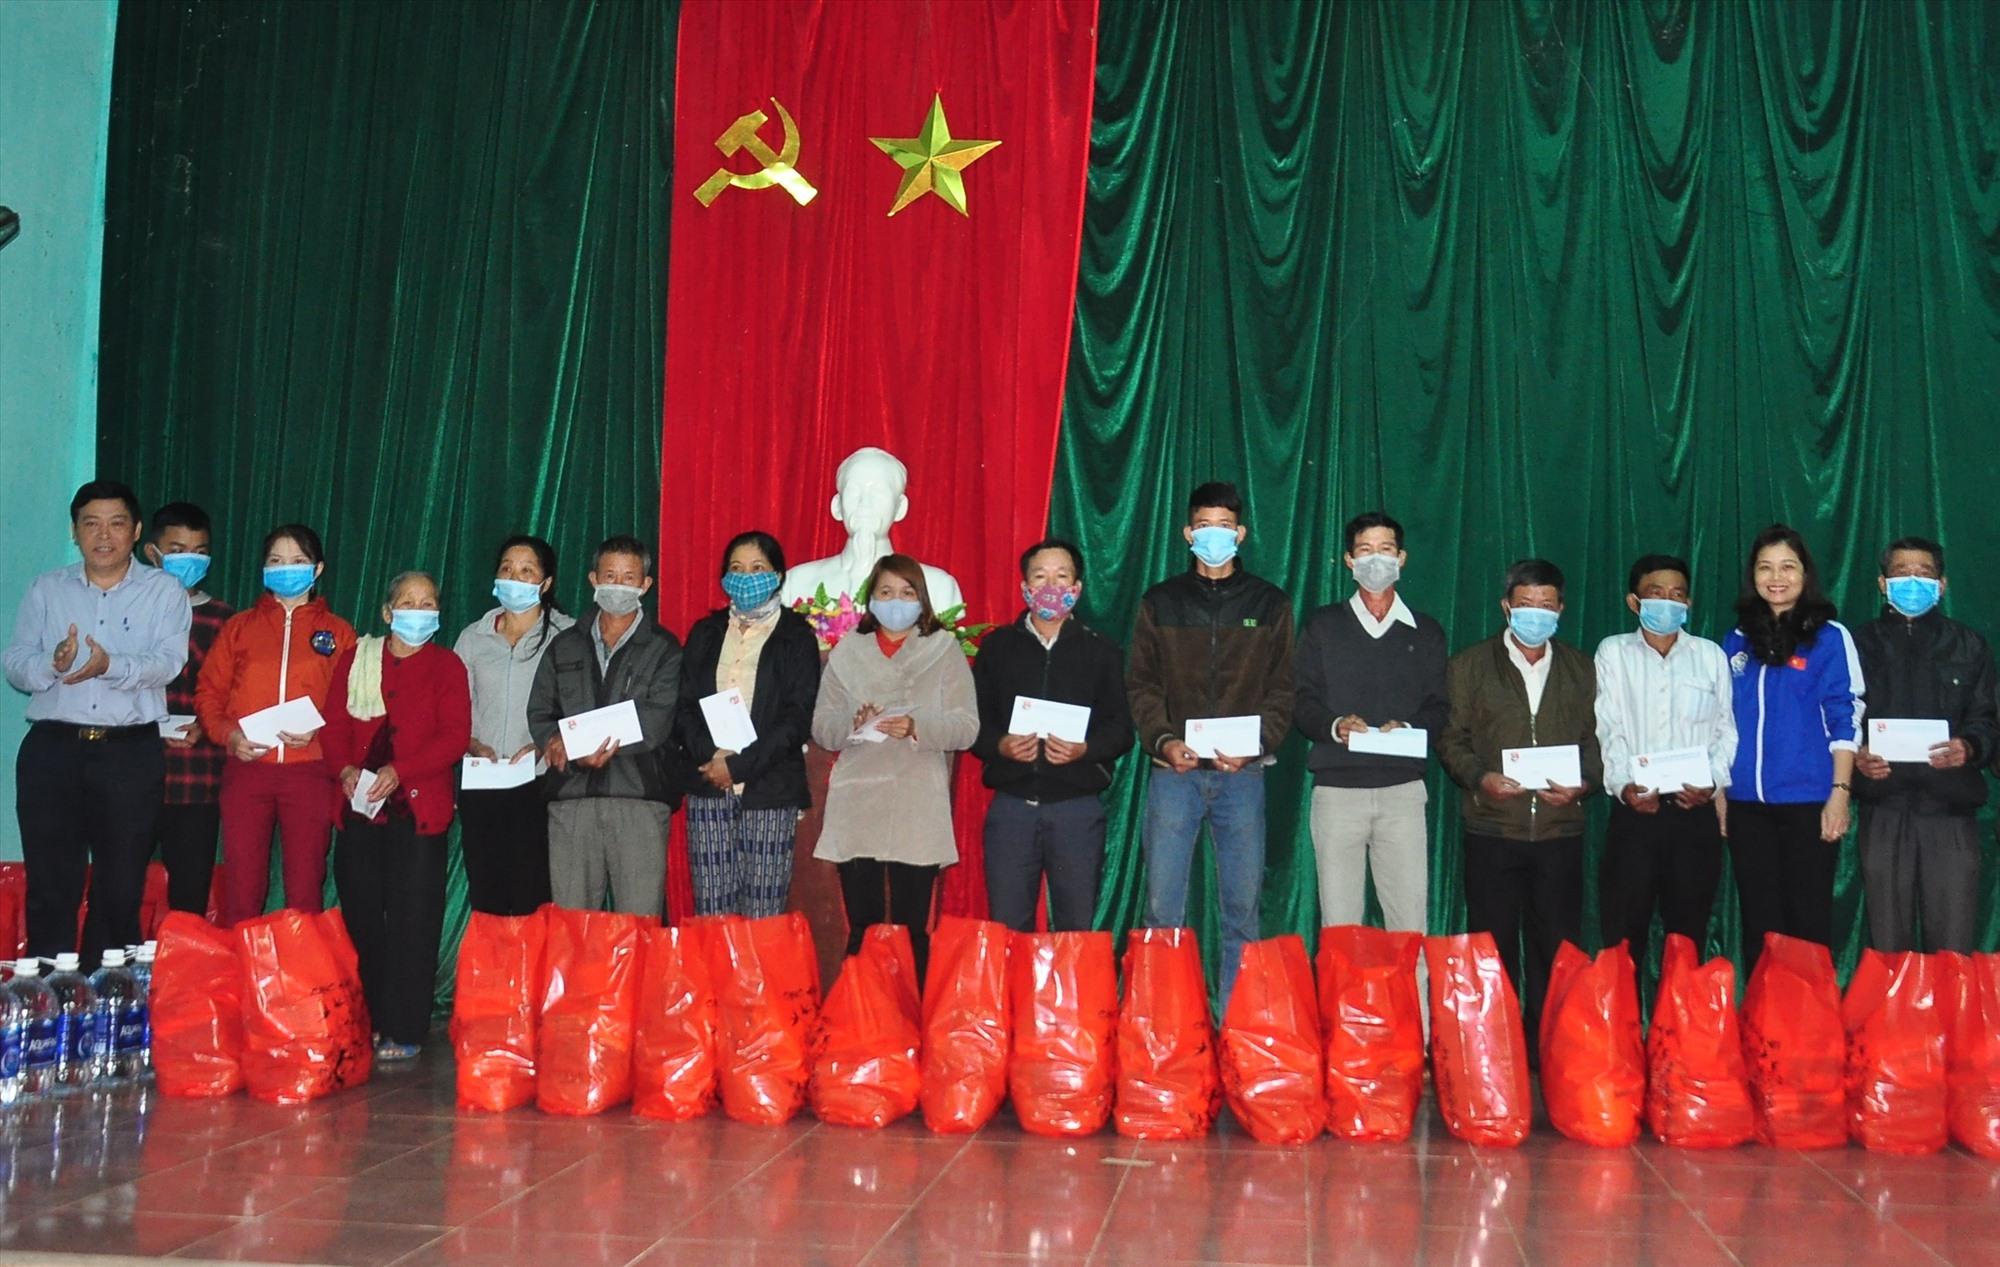 Bí thư Tỉnh đoàn Phạm Thị Thanh và lãnh đạo huyện Núi Thành tặng quà tết cho người dân xã Tam Sơn. Ảnh: V.A